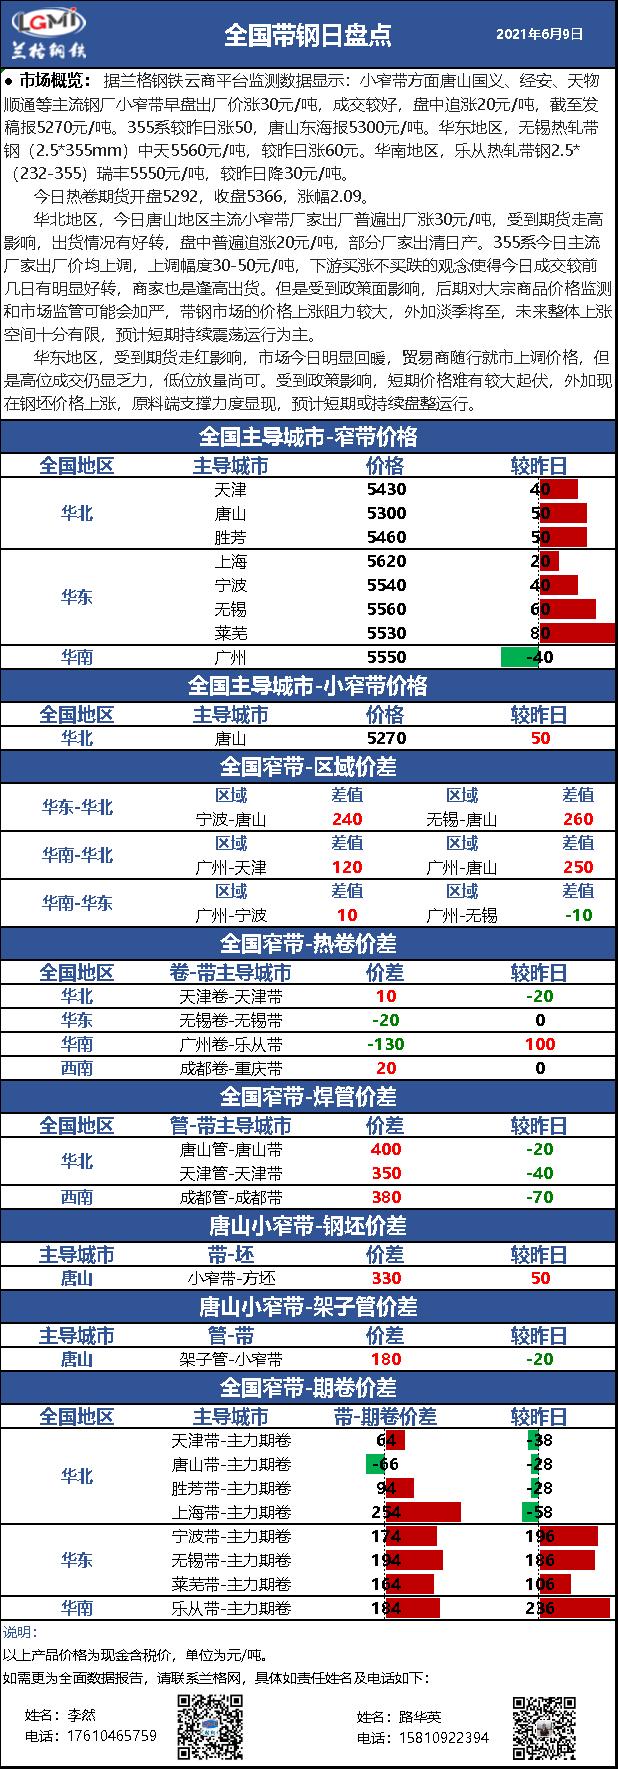 兰格带钢日盘点(6.9)期货走红 带钢价格回涨 成交明显好转